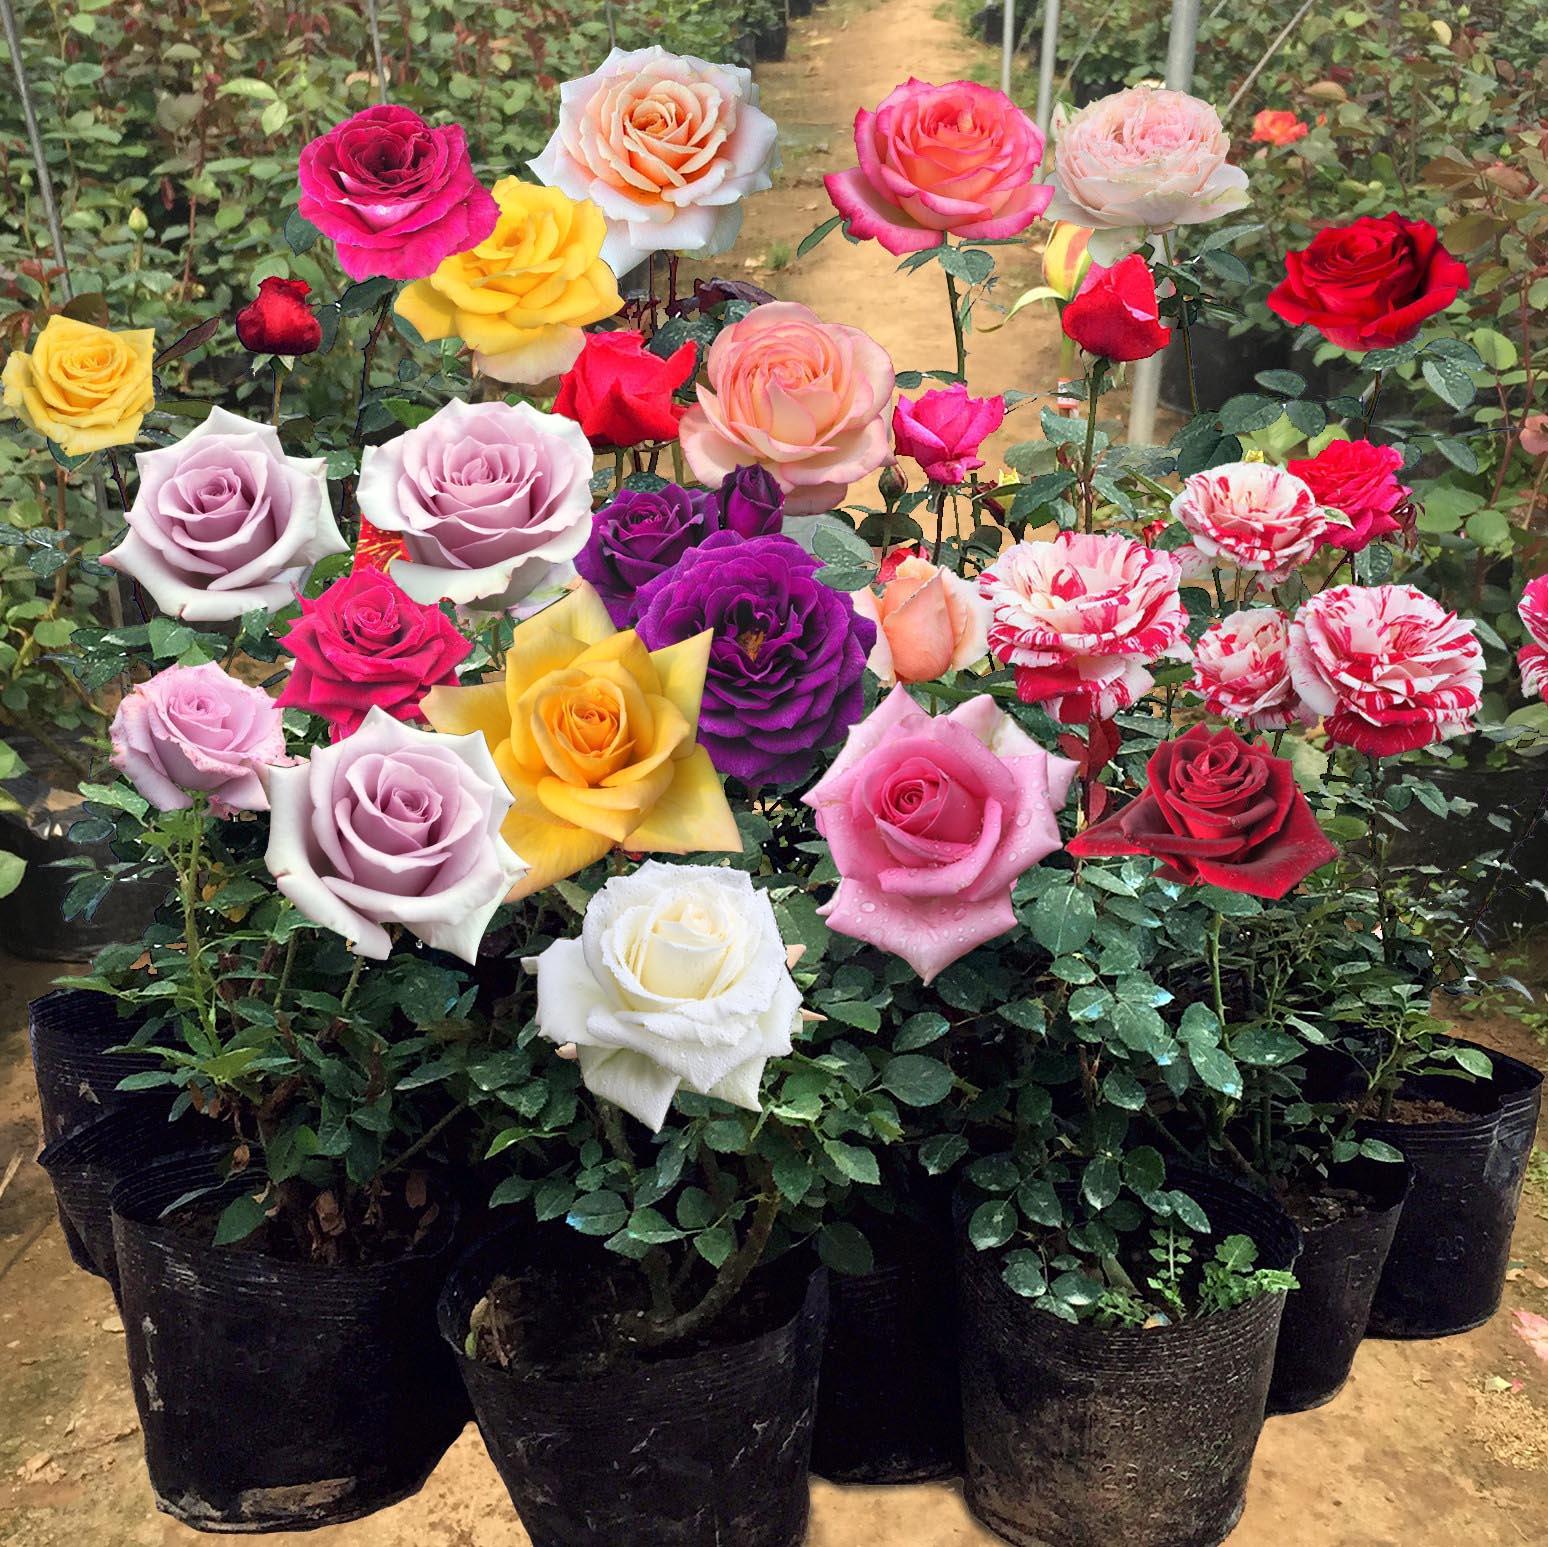 玫瑰花盆栽大花带花苞绿植物盆栽室内外花卉观